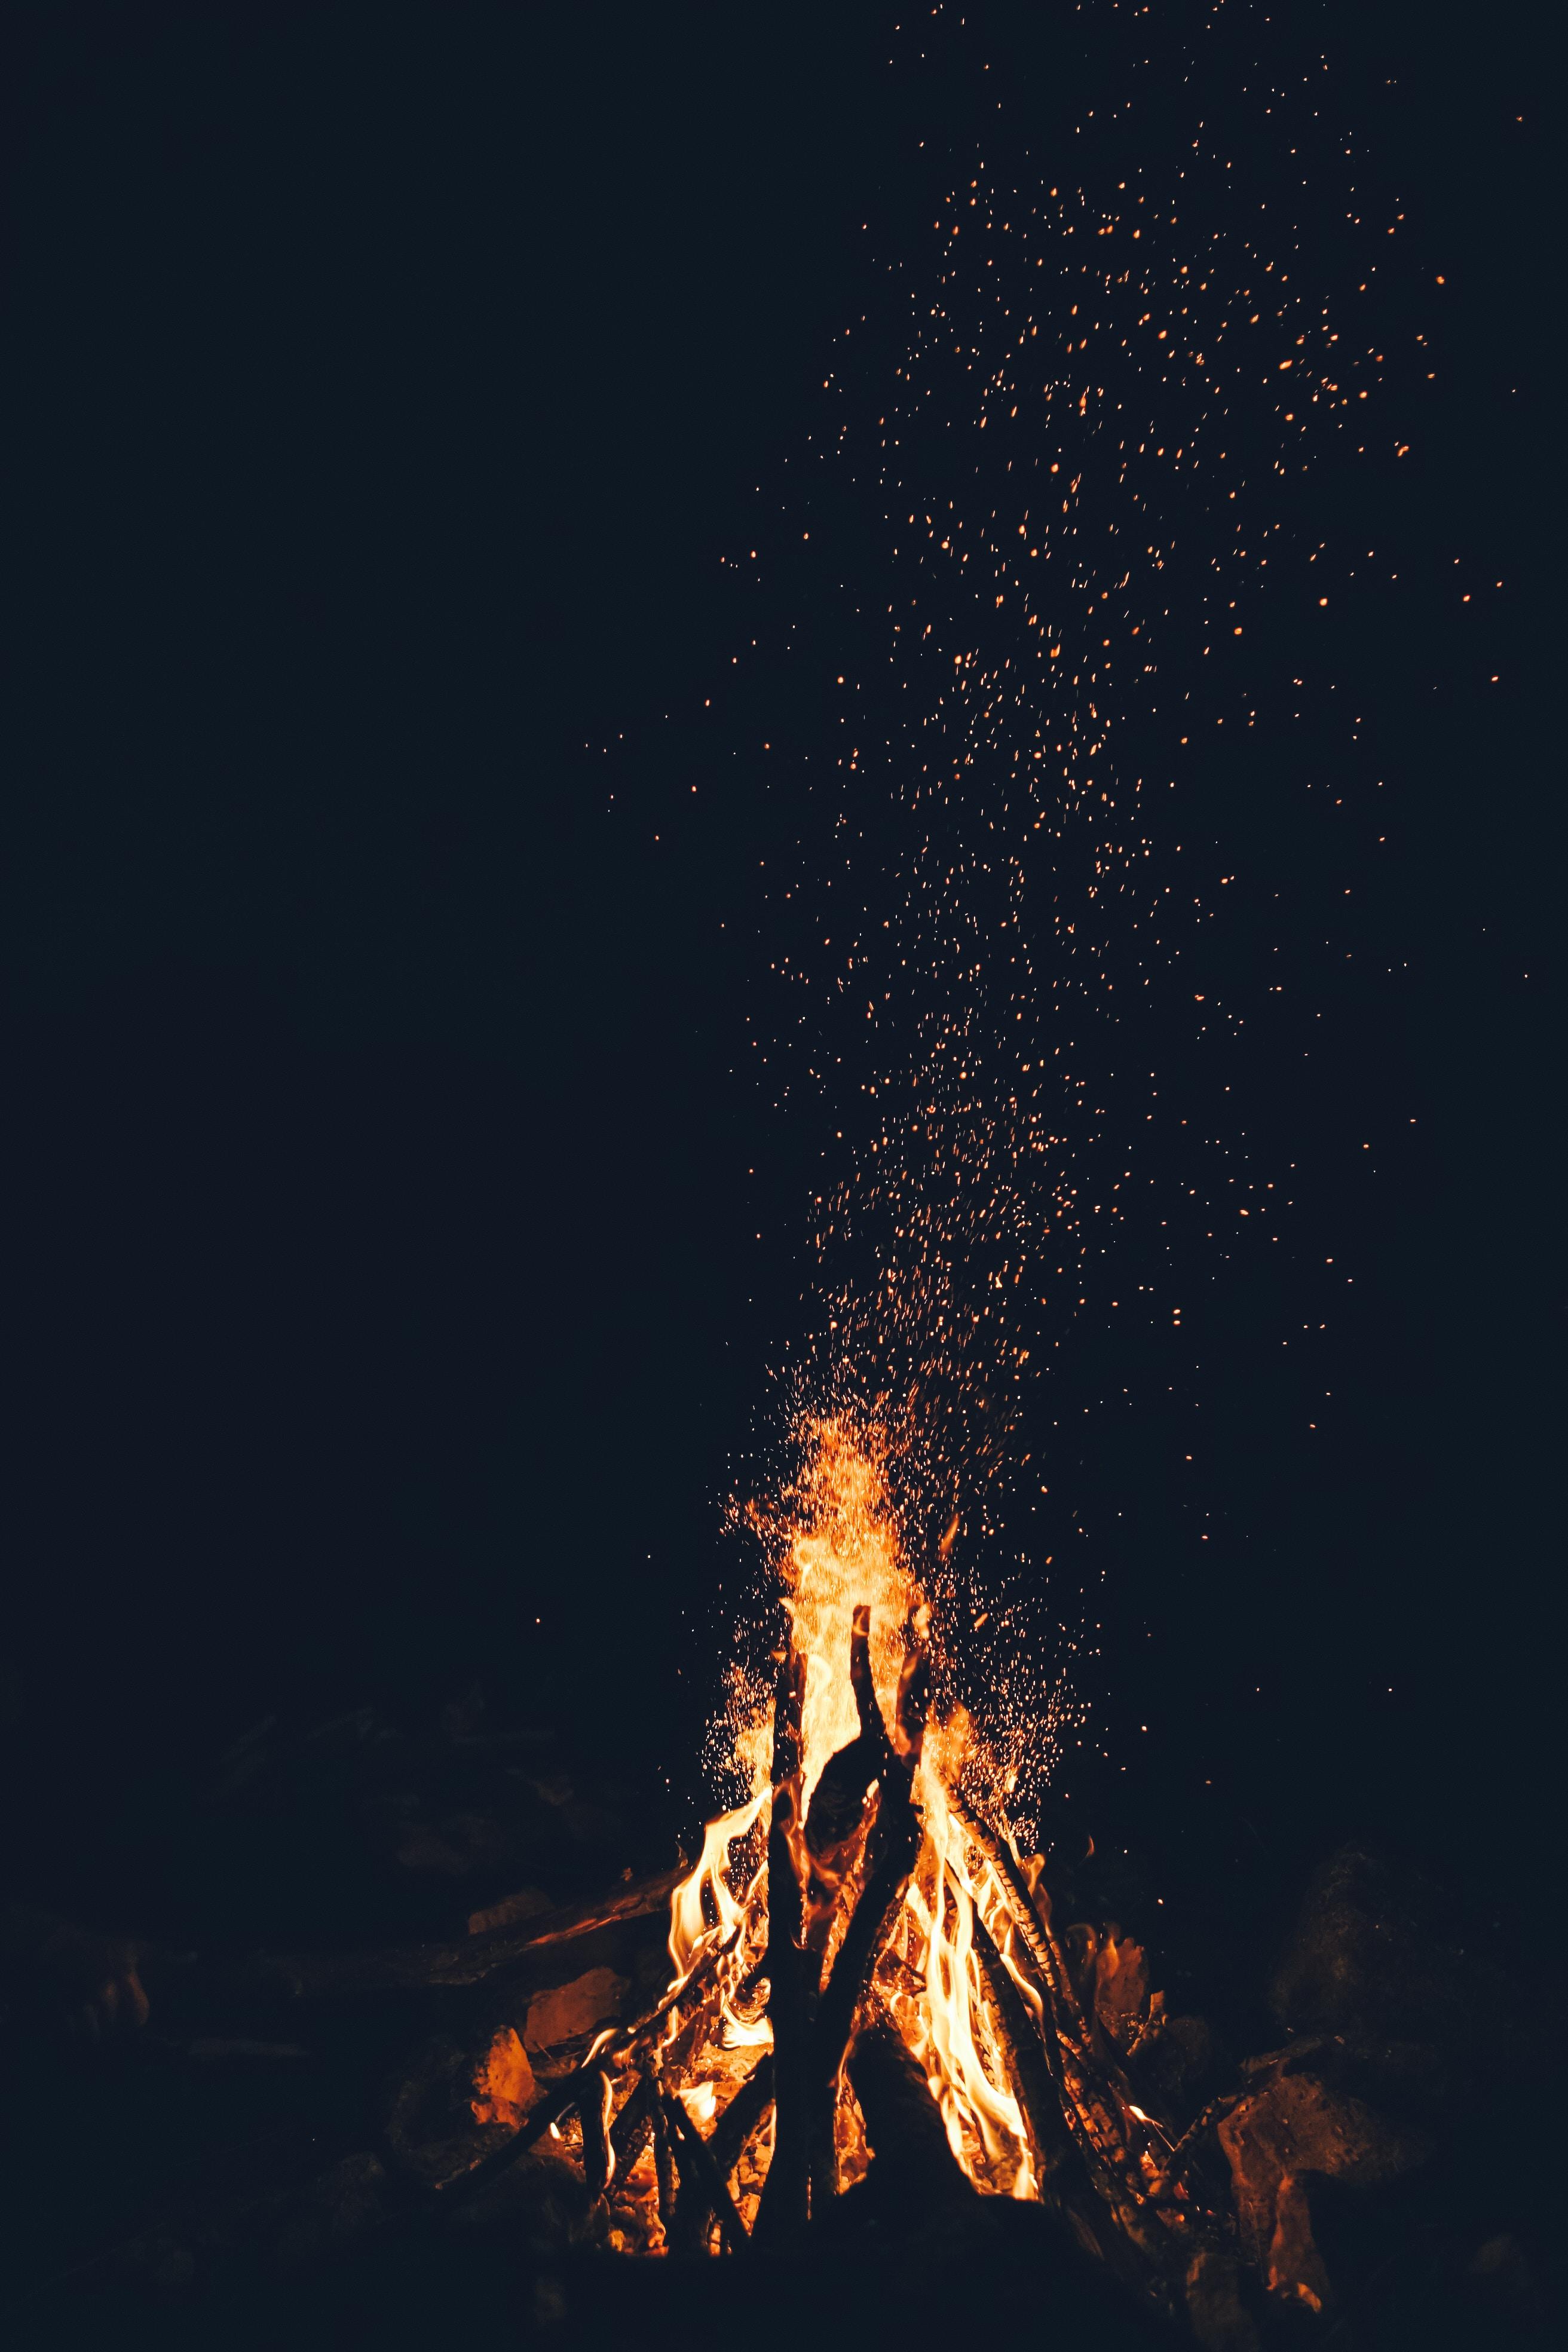 Fire fire stories